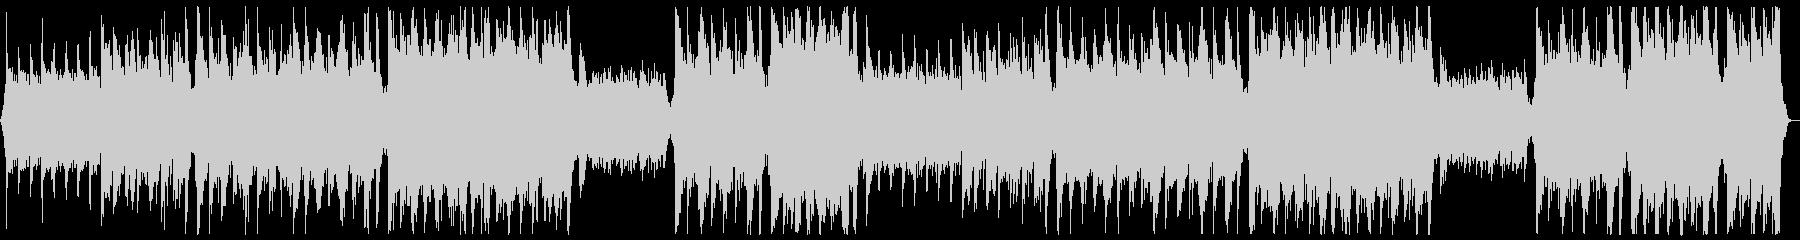 華やかなピアノ&オーケストラ x2回の未再生の波形